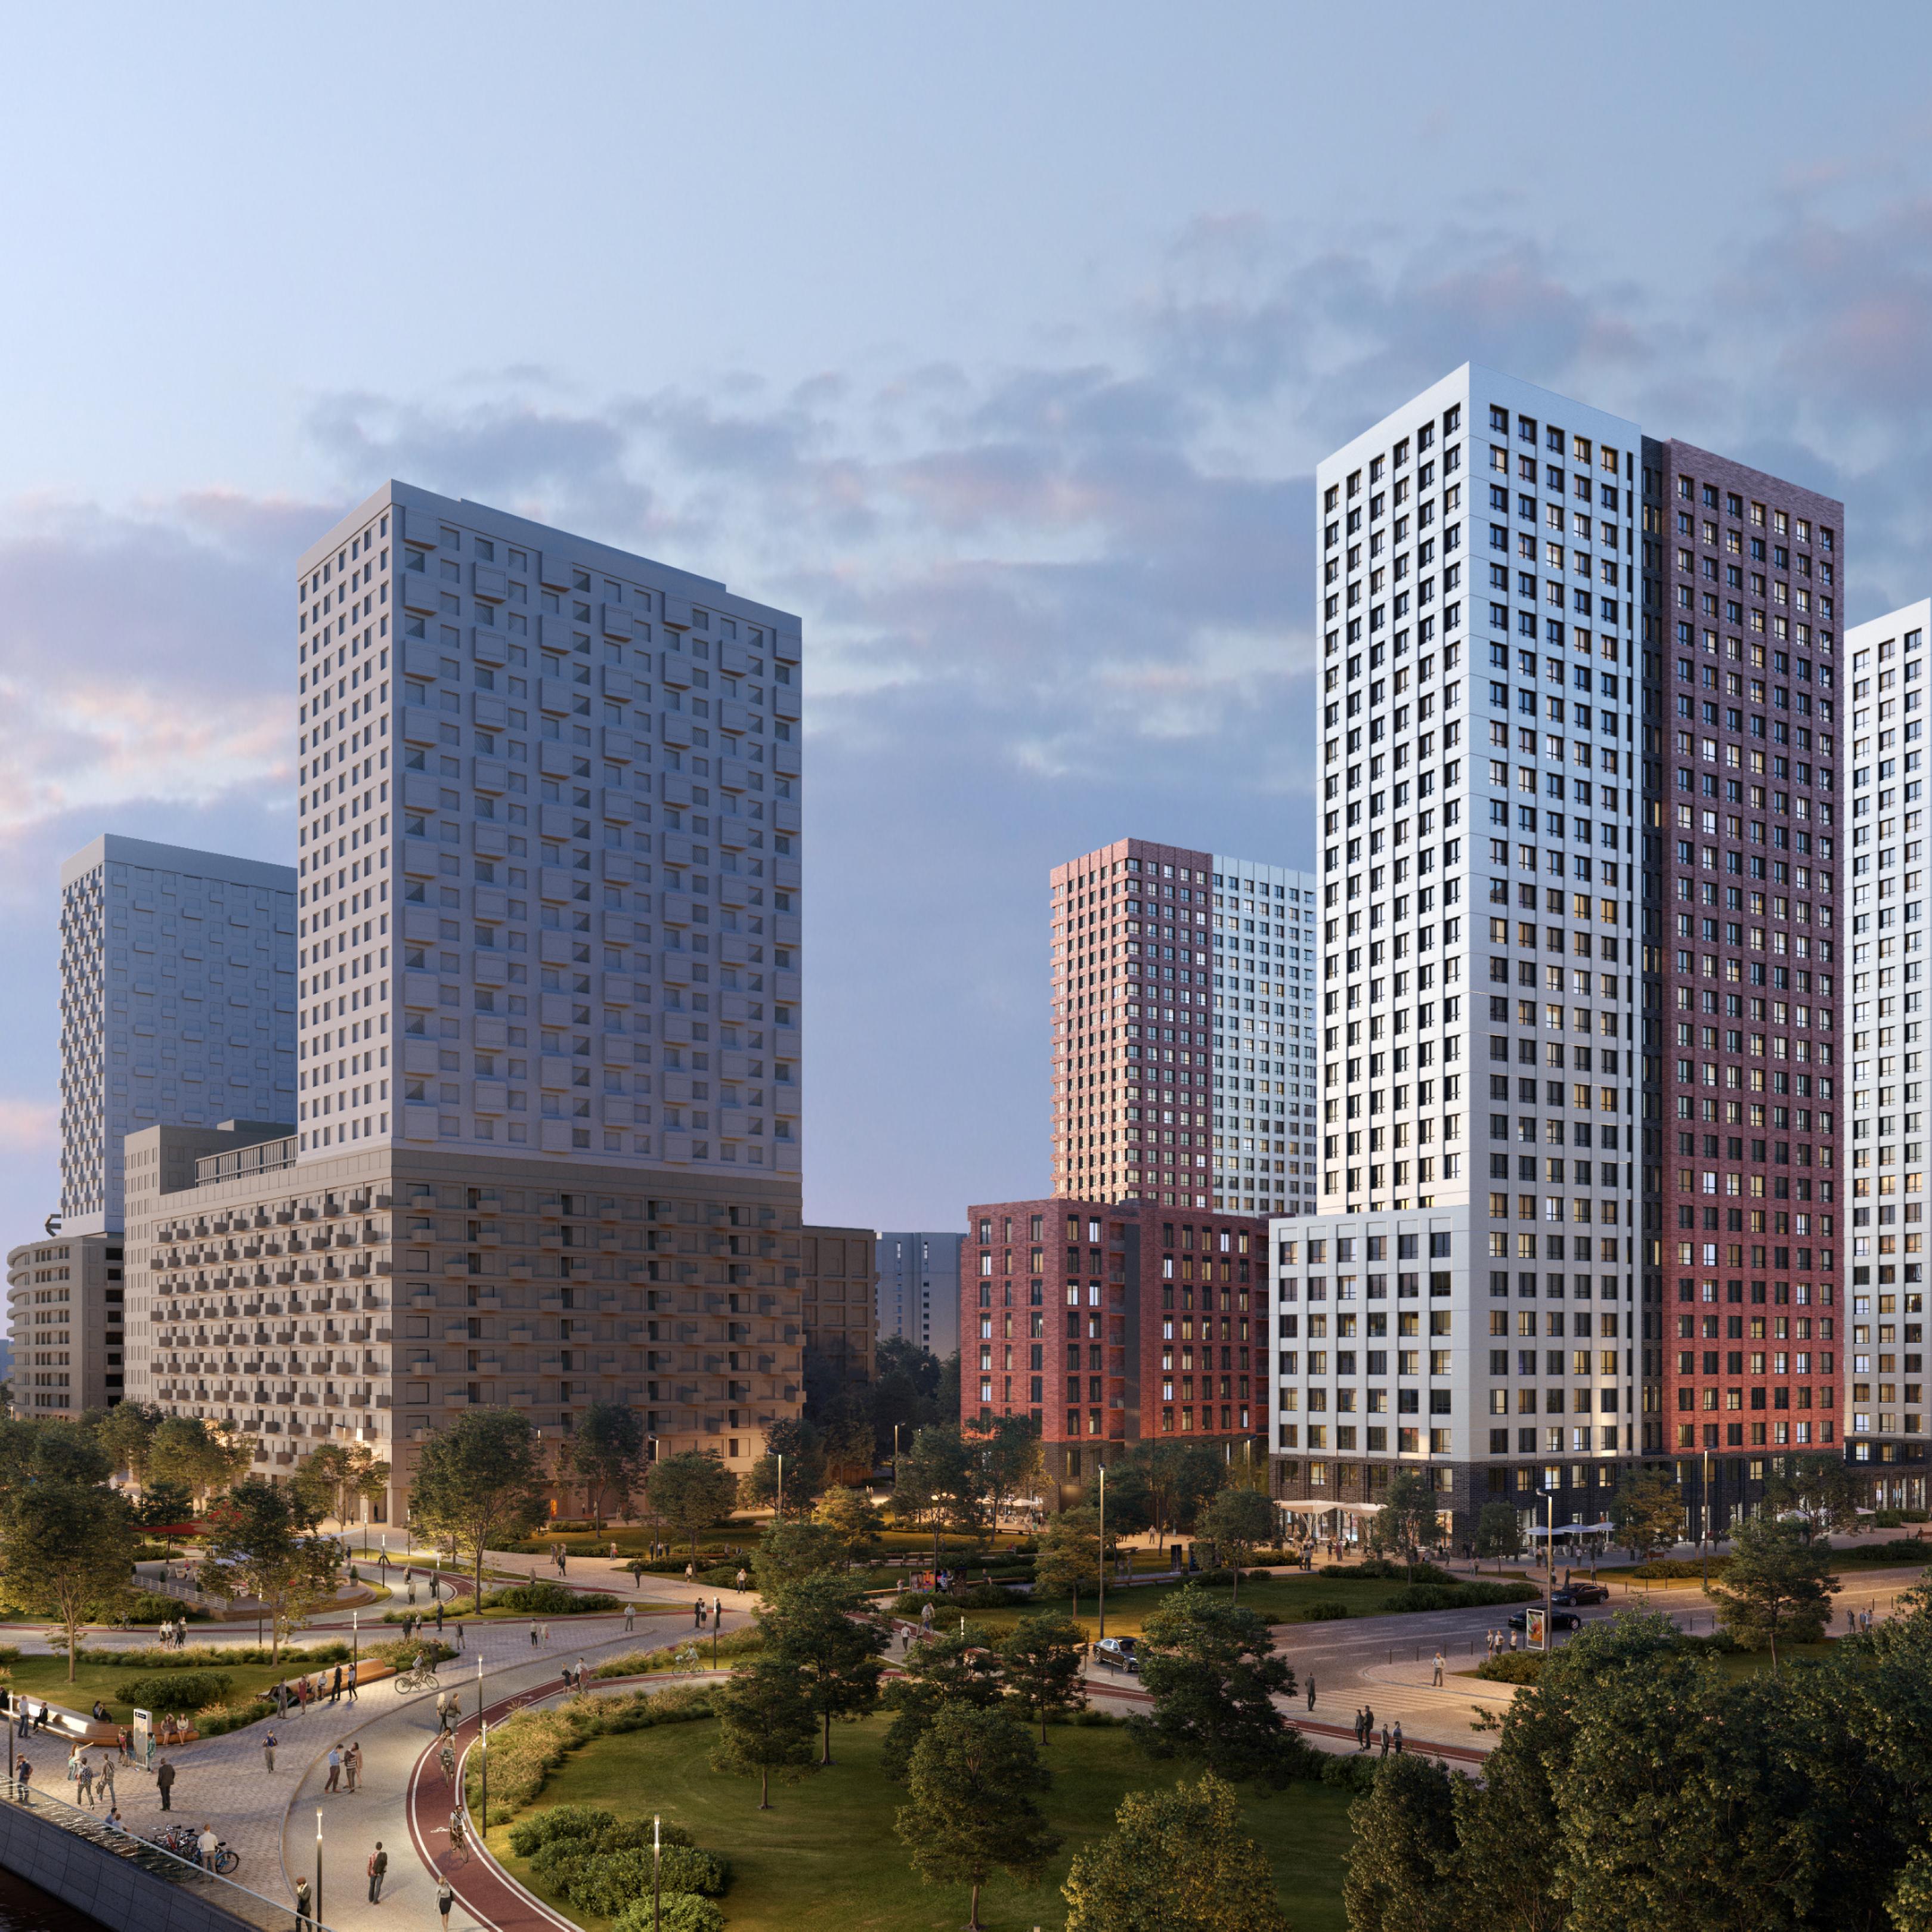 Продвижение   жилых комплексов:  идеальное УТП